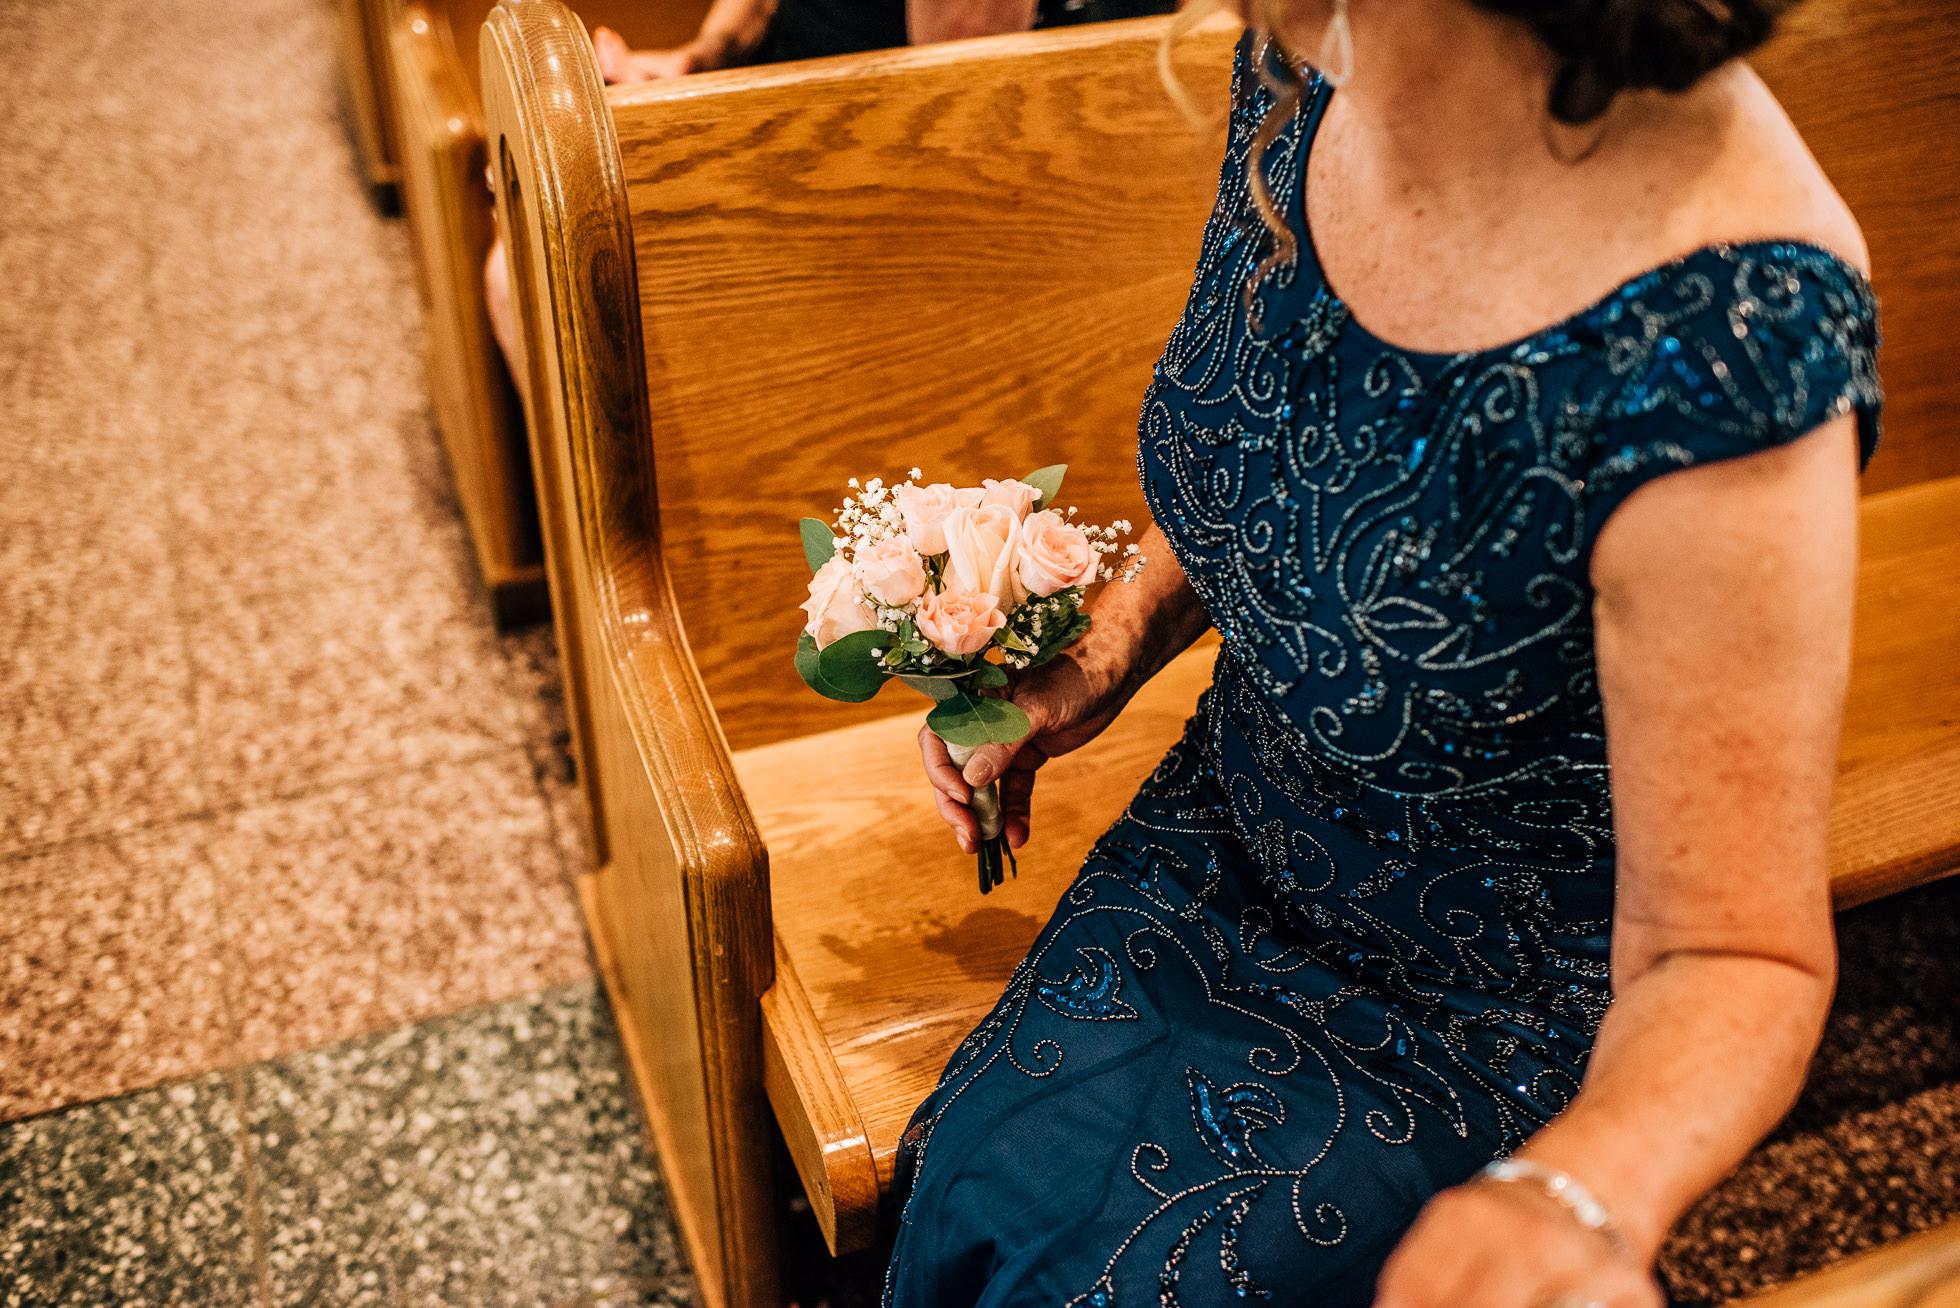 brides mom church wedding